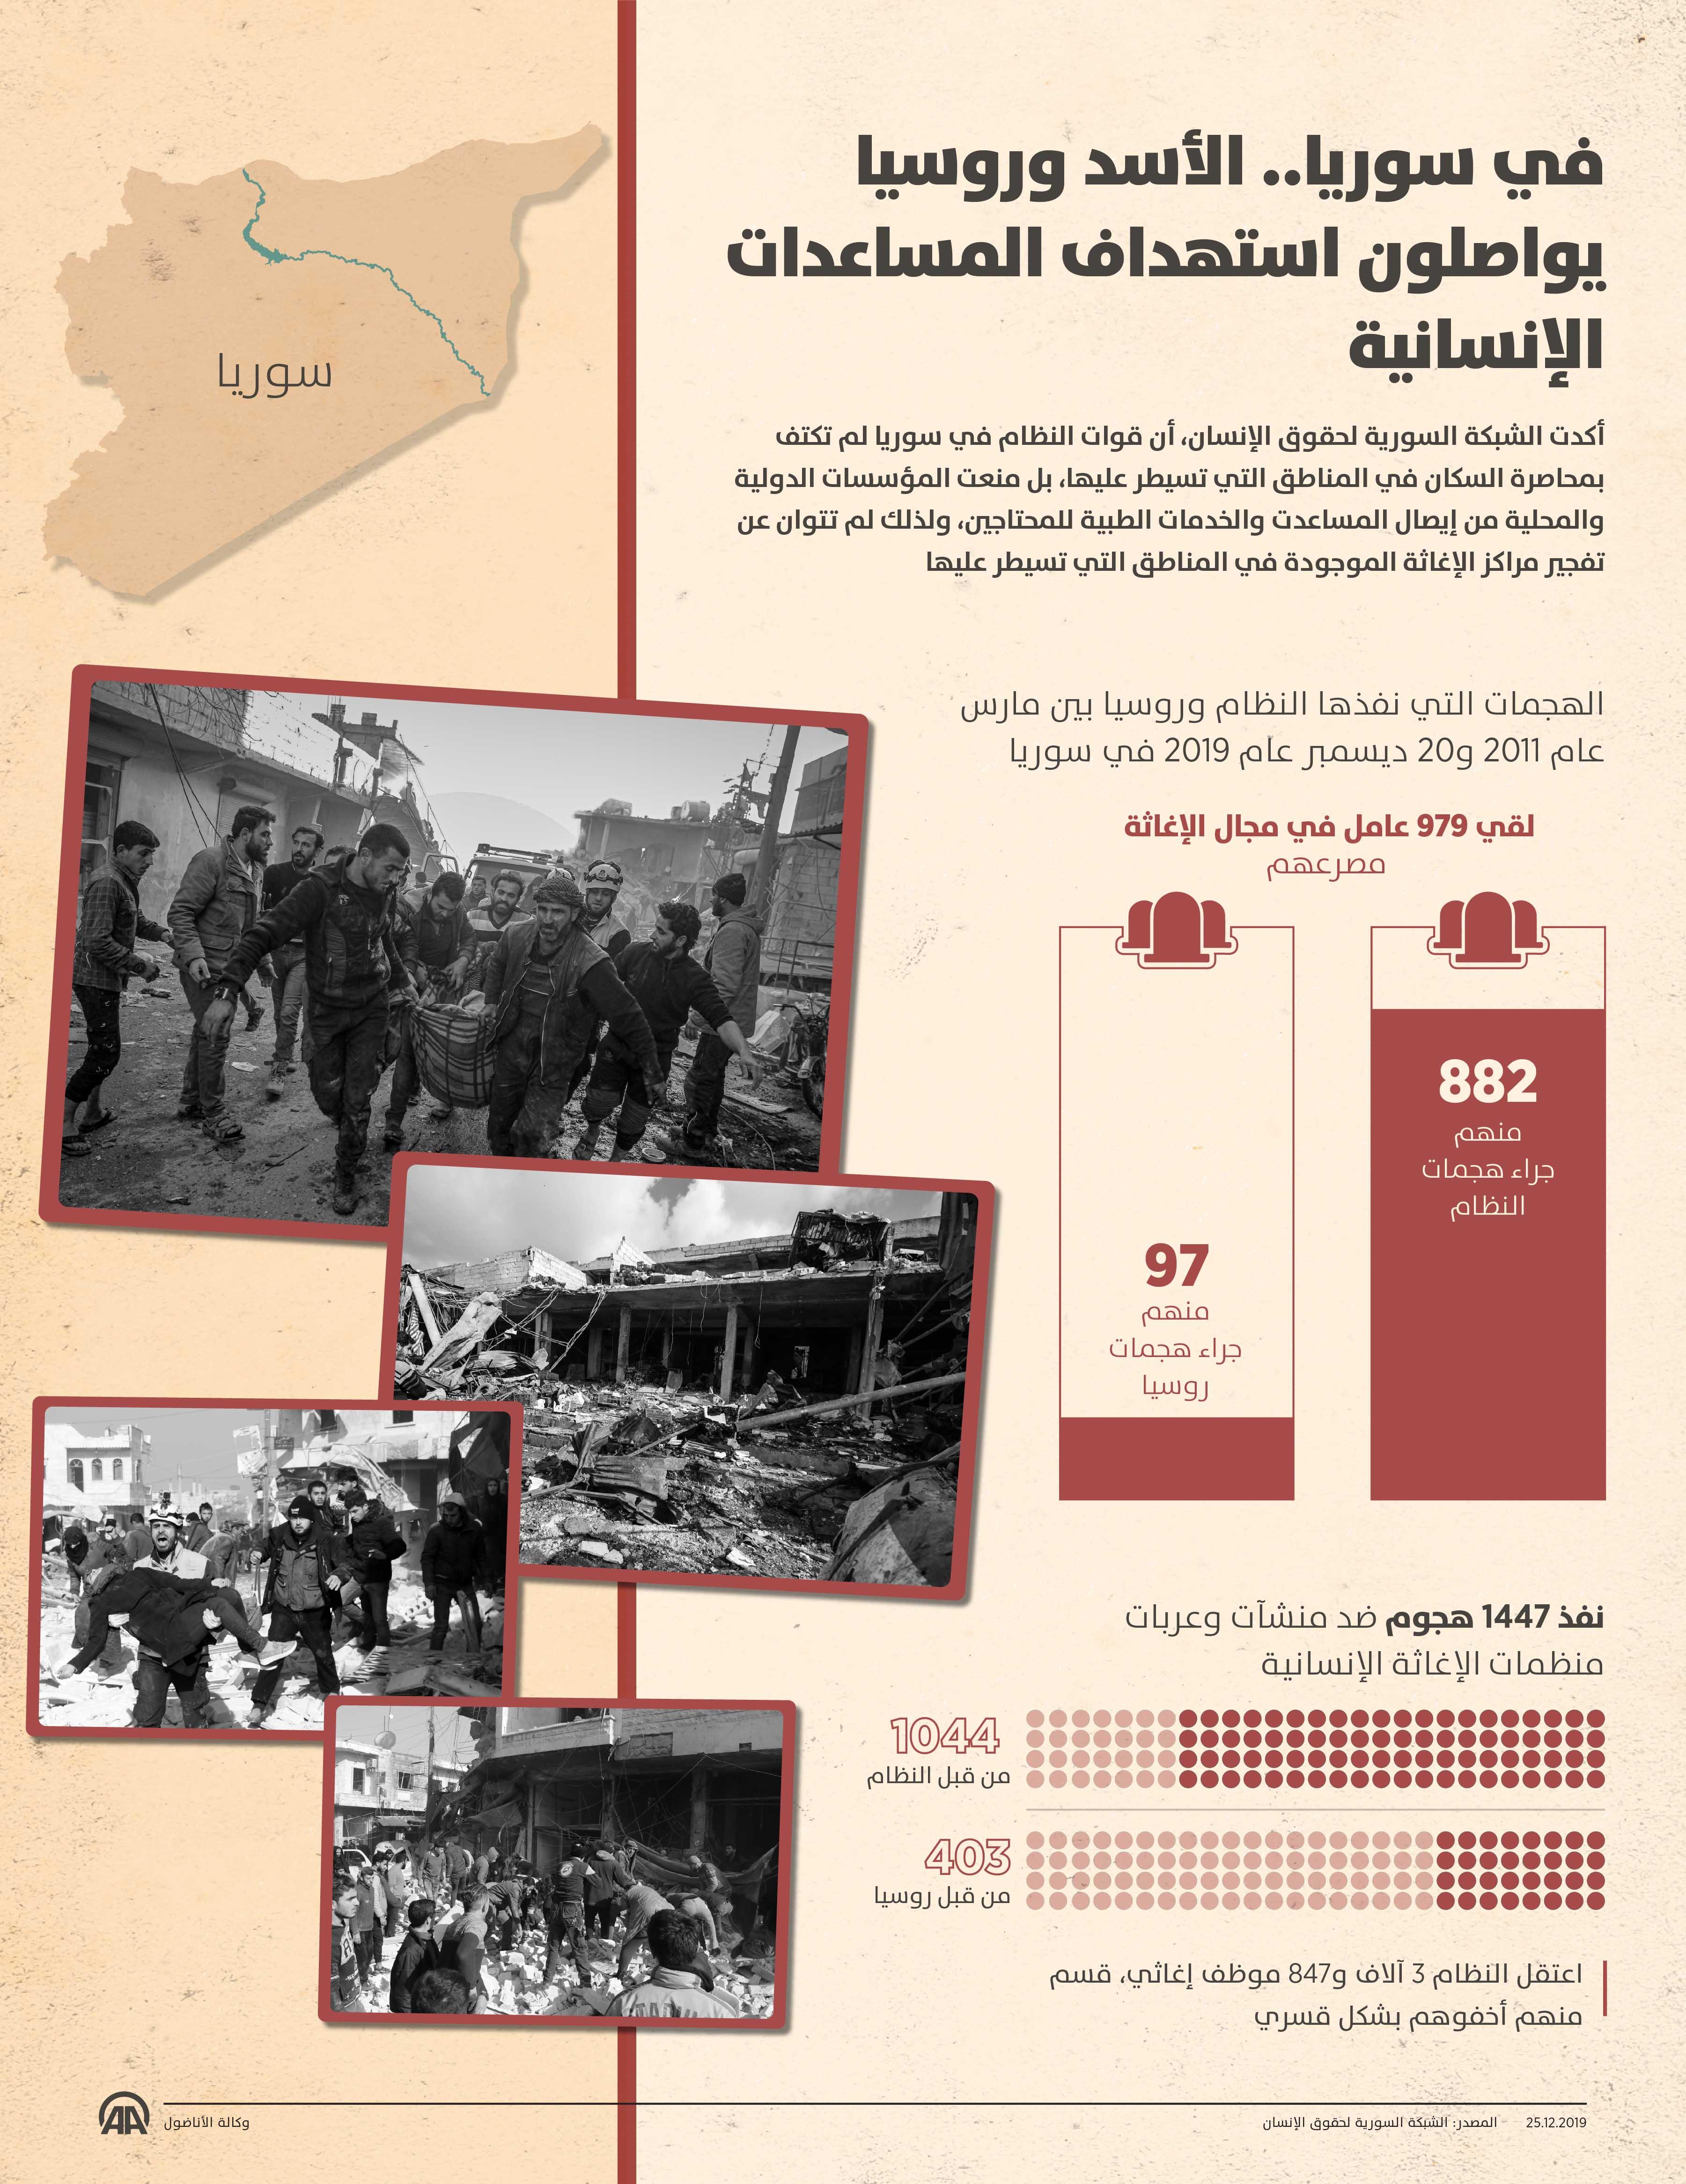 قوات الأسد وروسيا يواصلون استهداف المساعدات الإنسانية